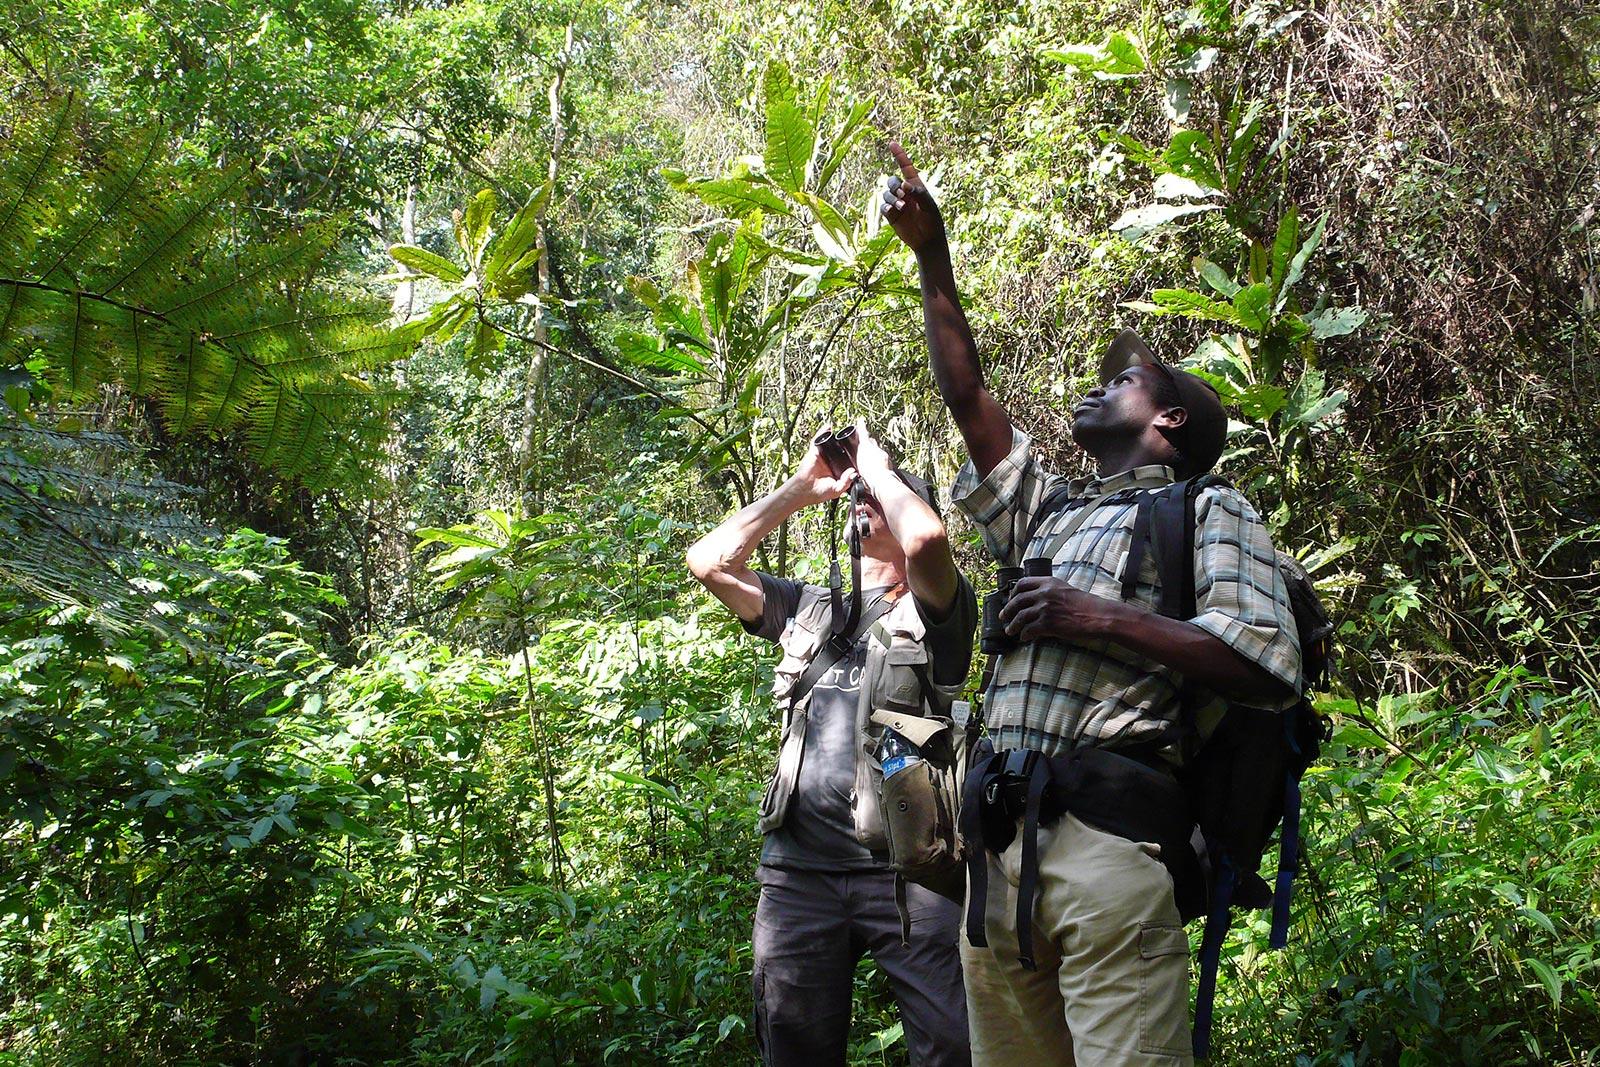 Birding in Nkuringo